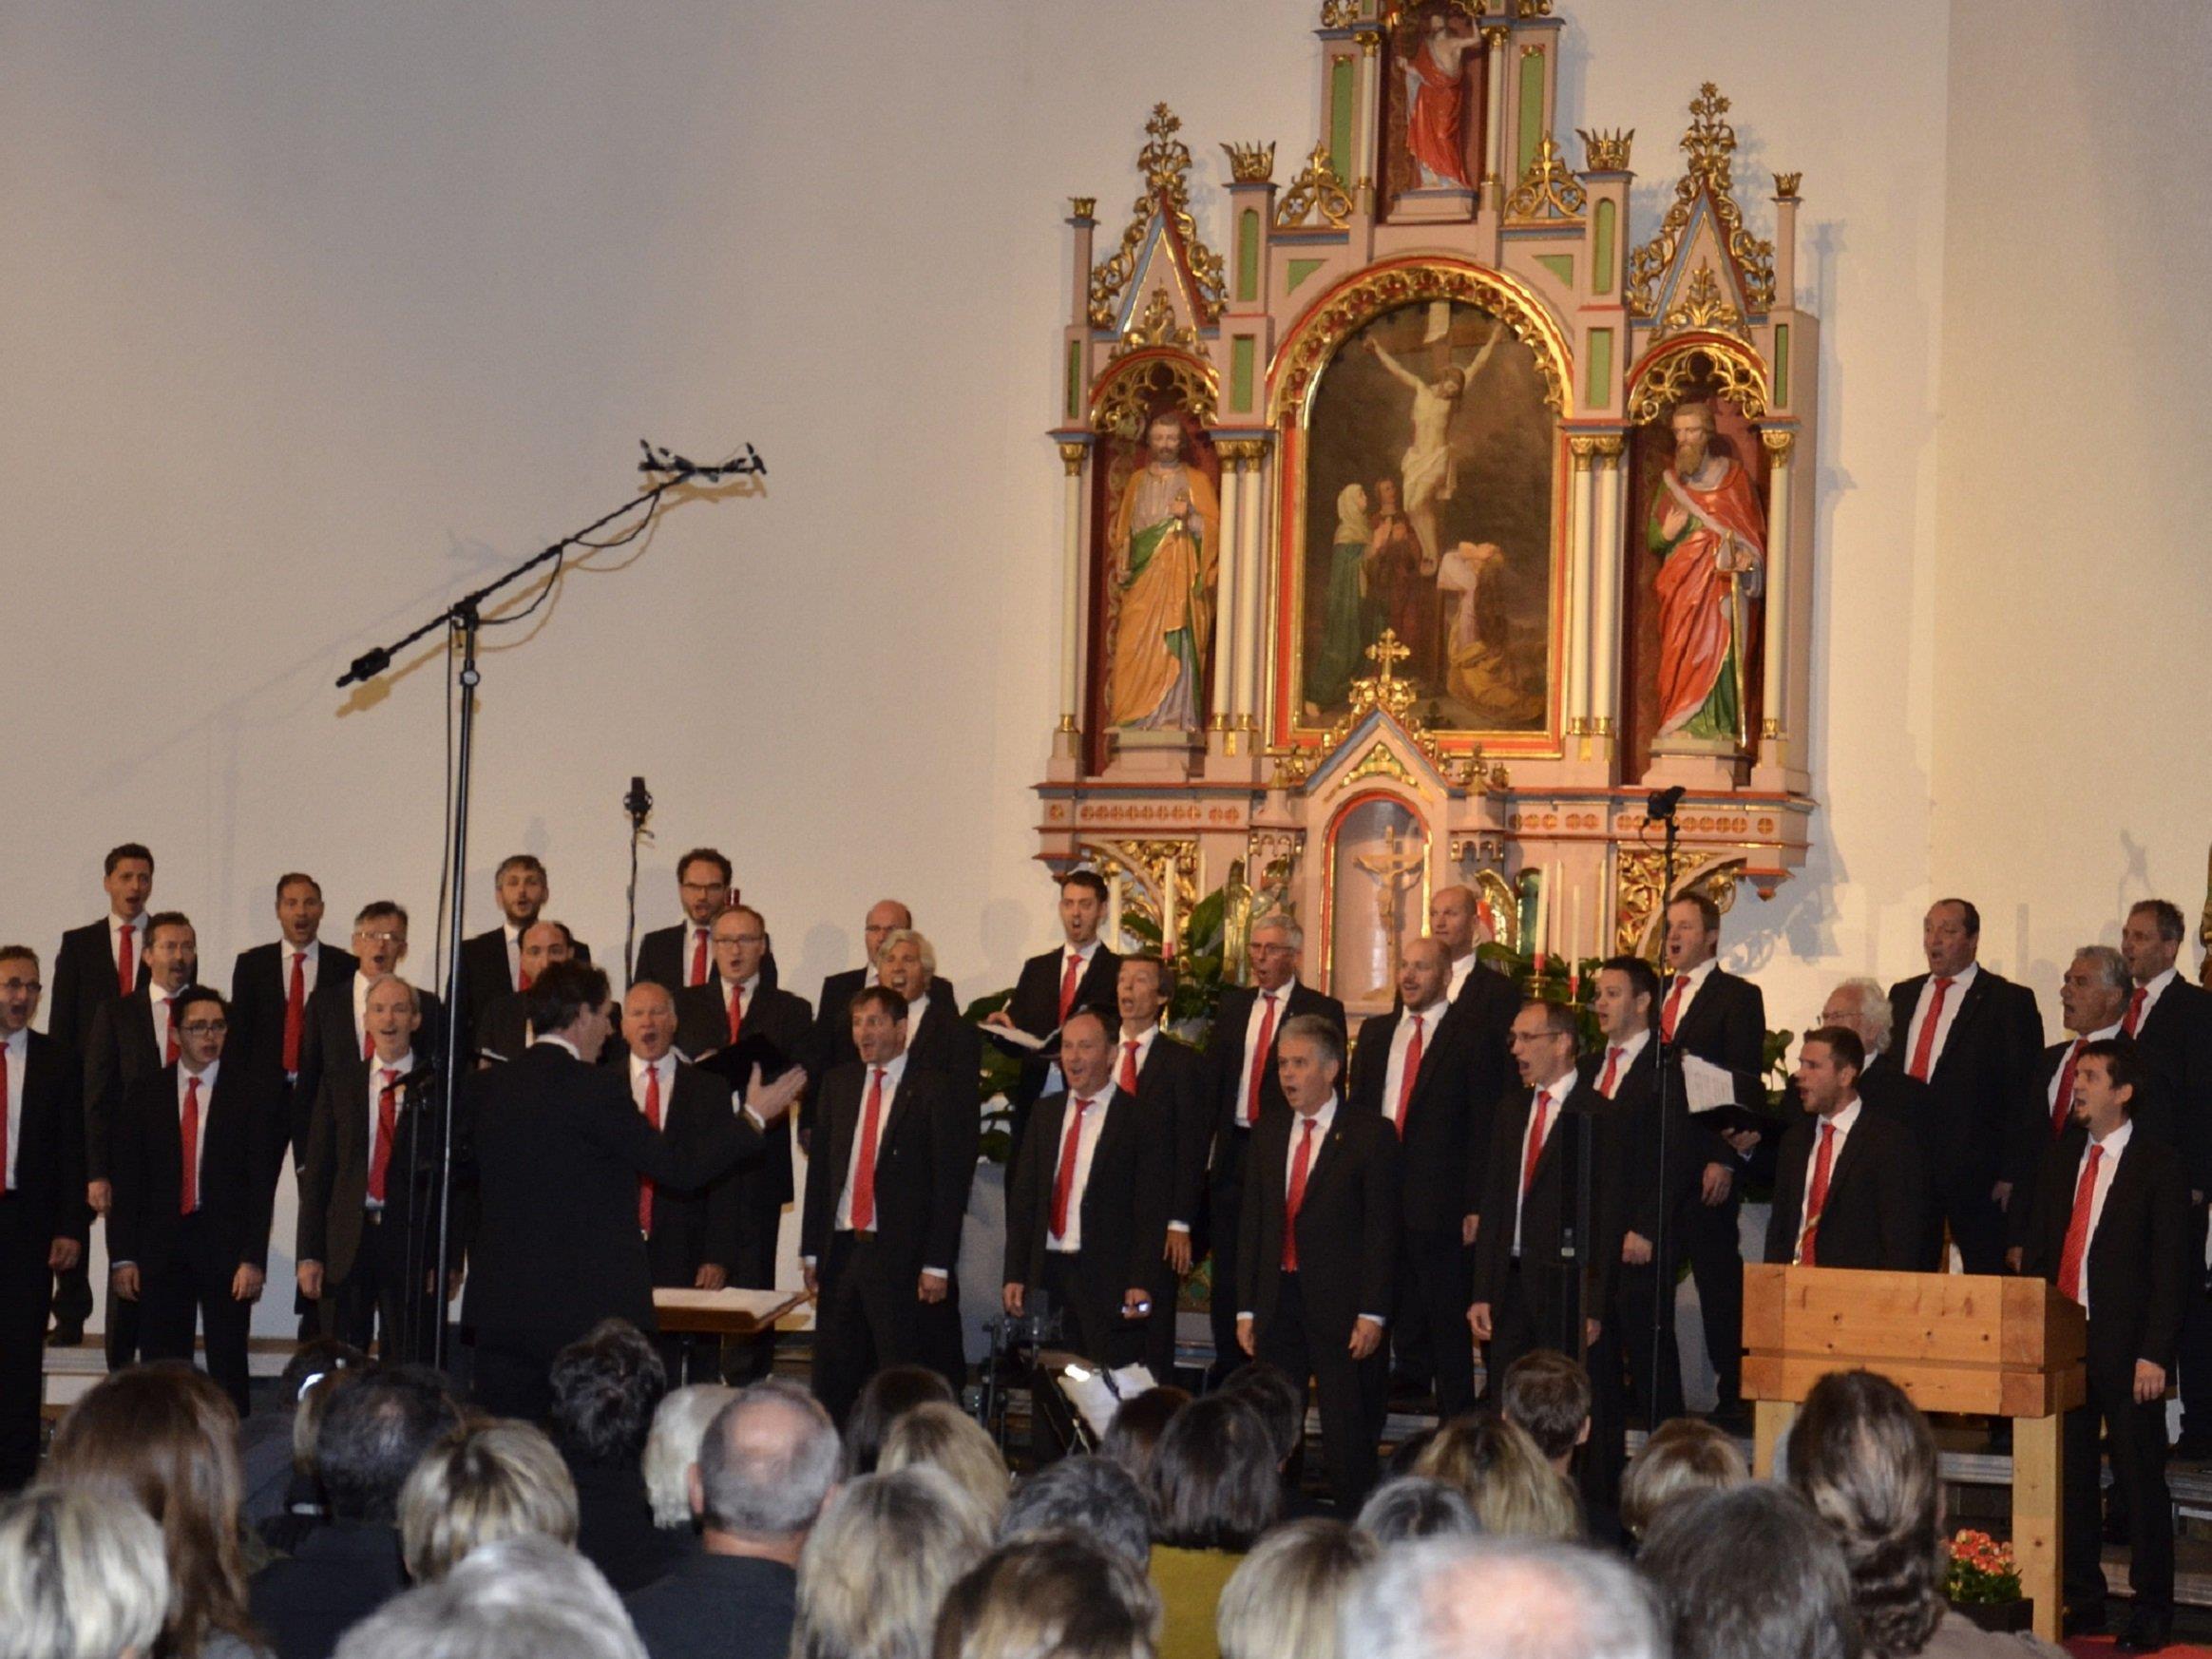 Cantante- Liedermännerchor Alberschwende